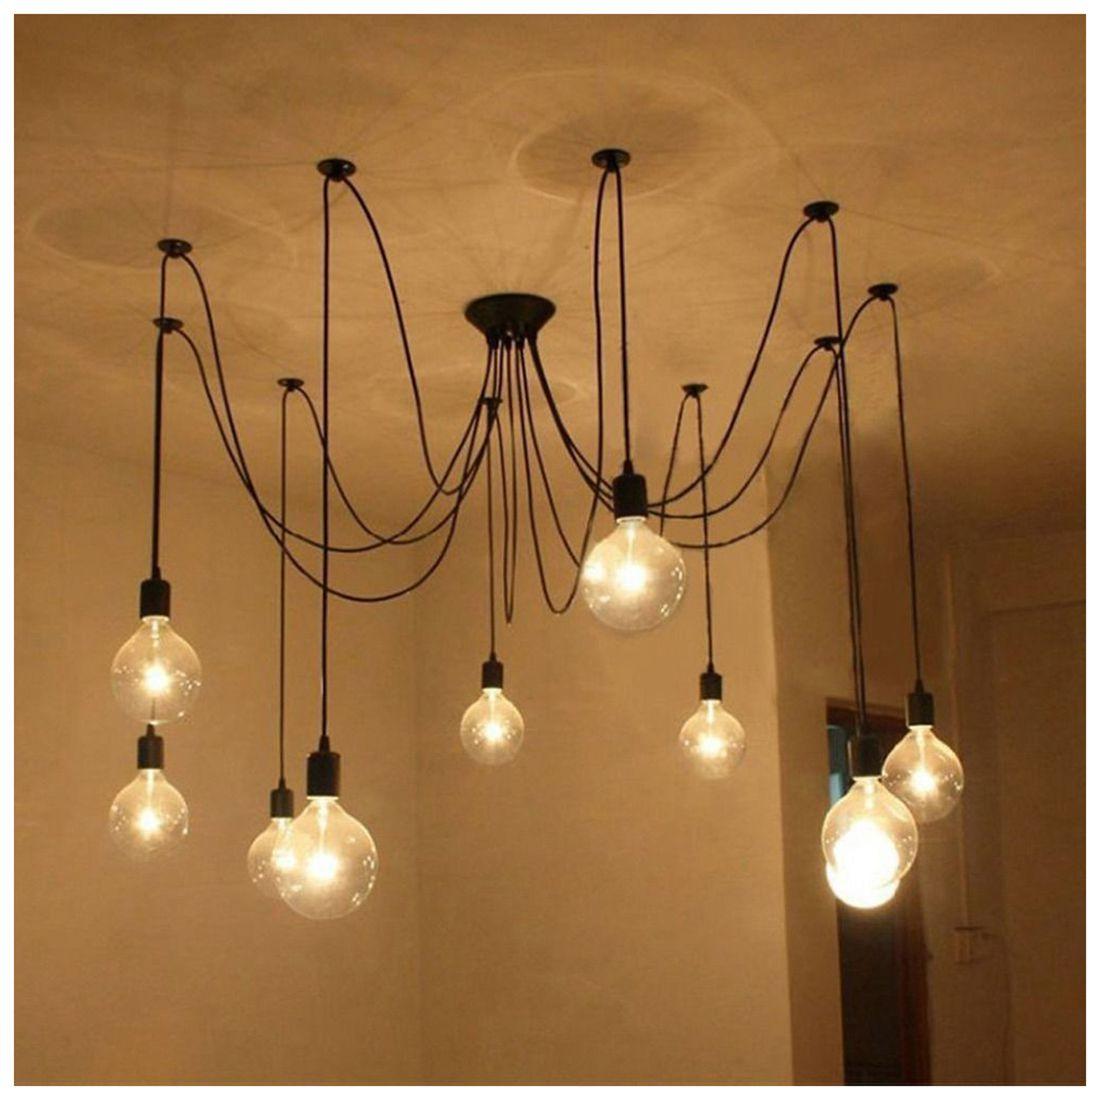 9 огни E27 DIY потолочный паук подвесной светильник Тенты Свет Античная Классика Регулир ...